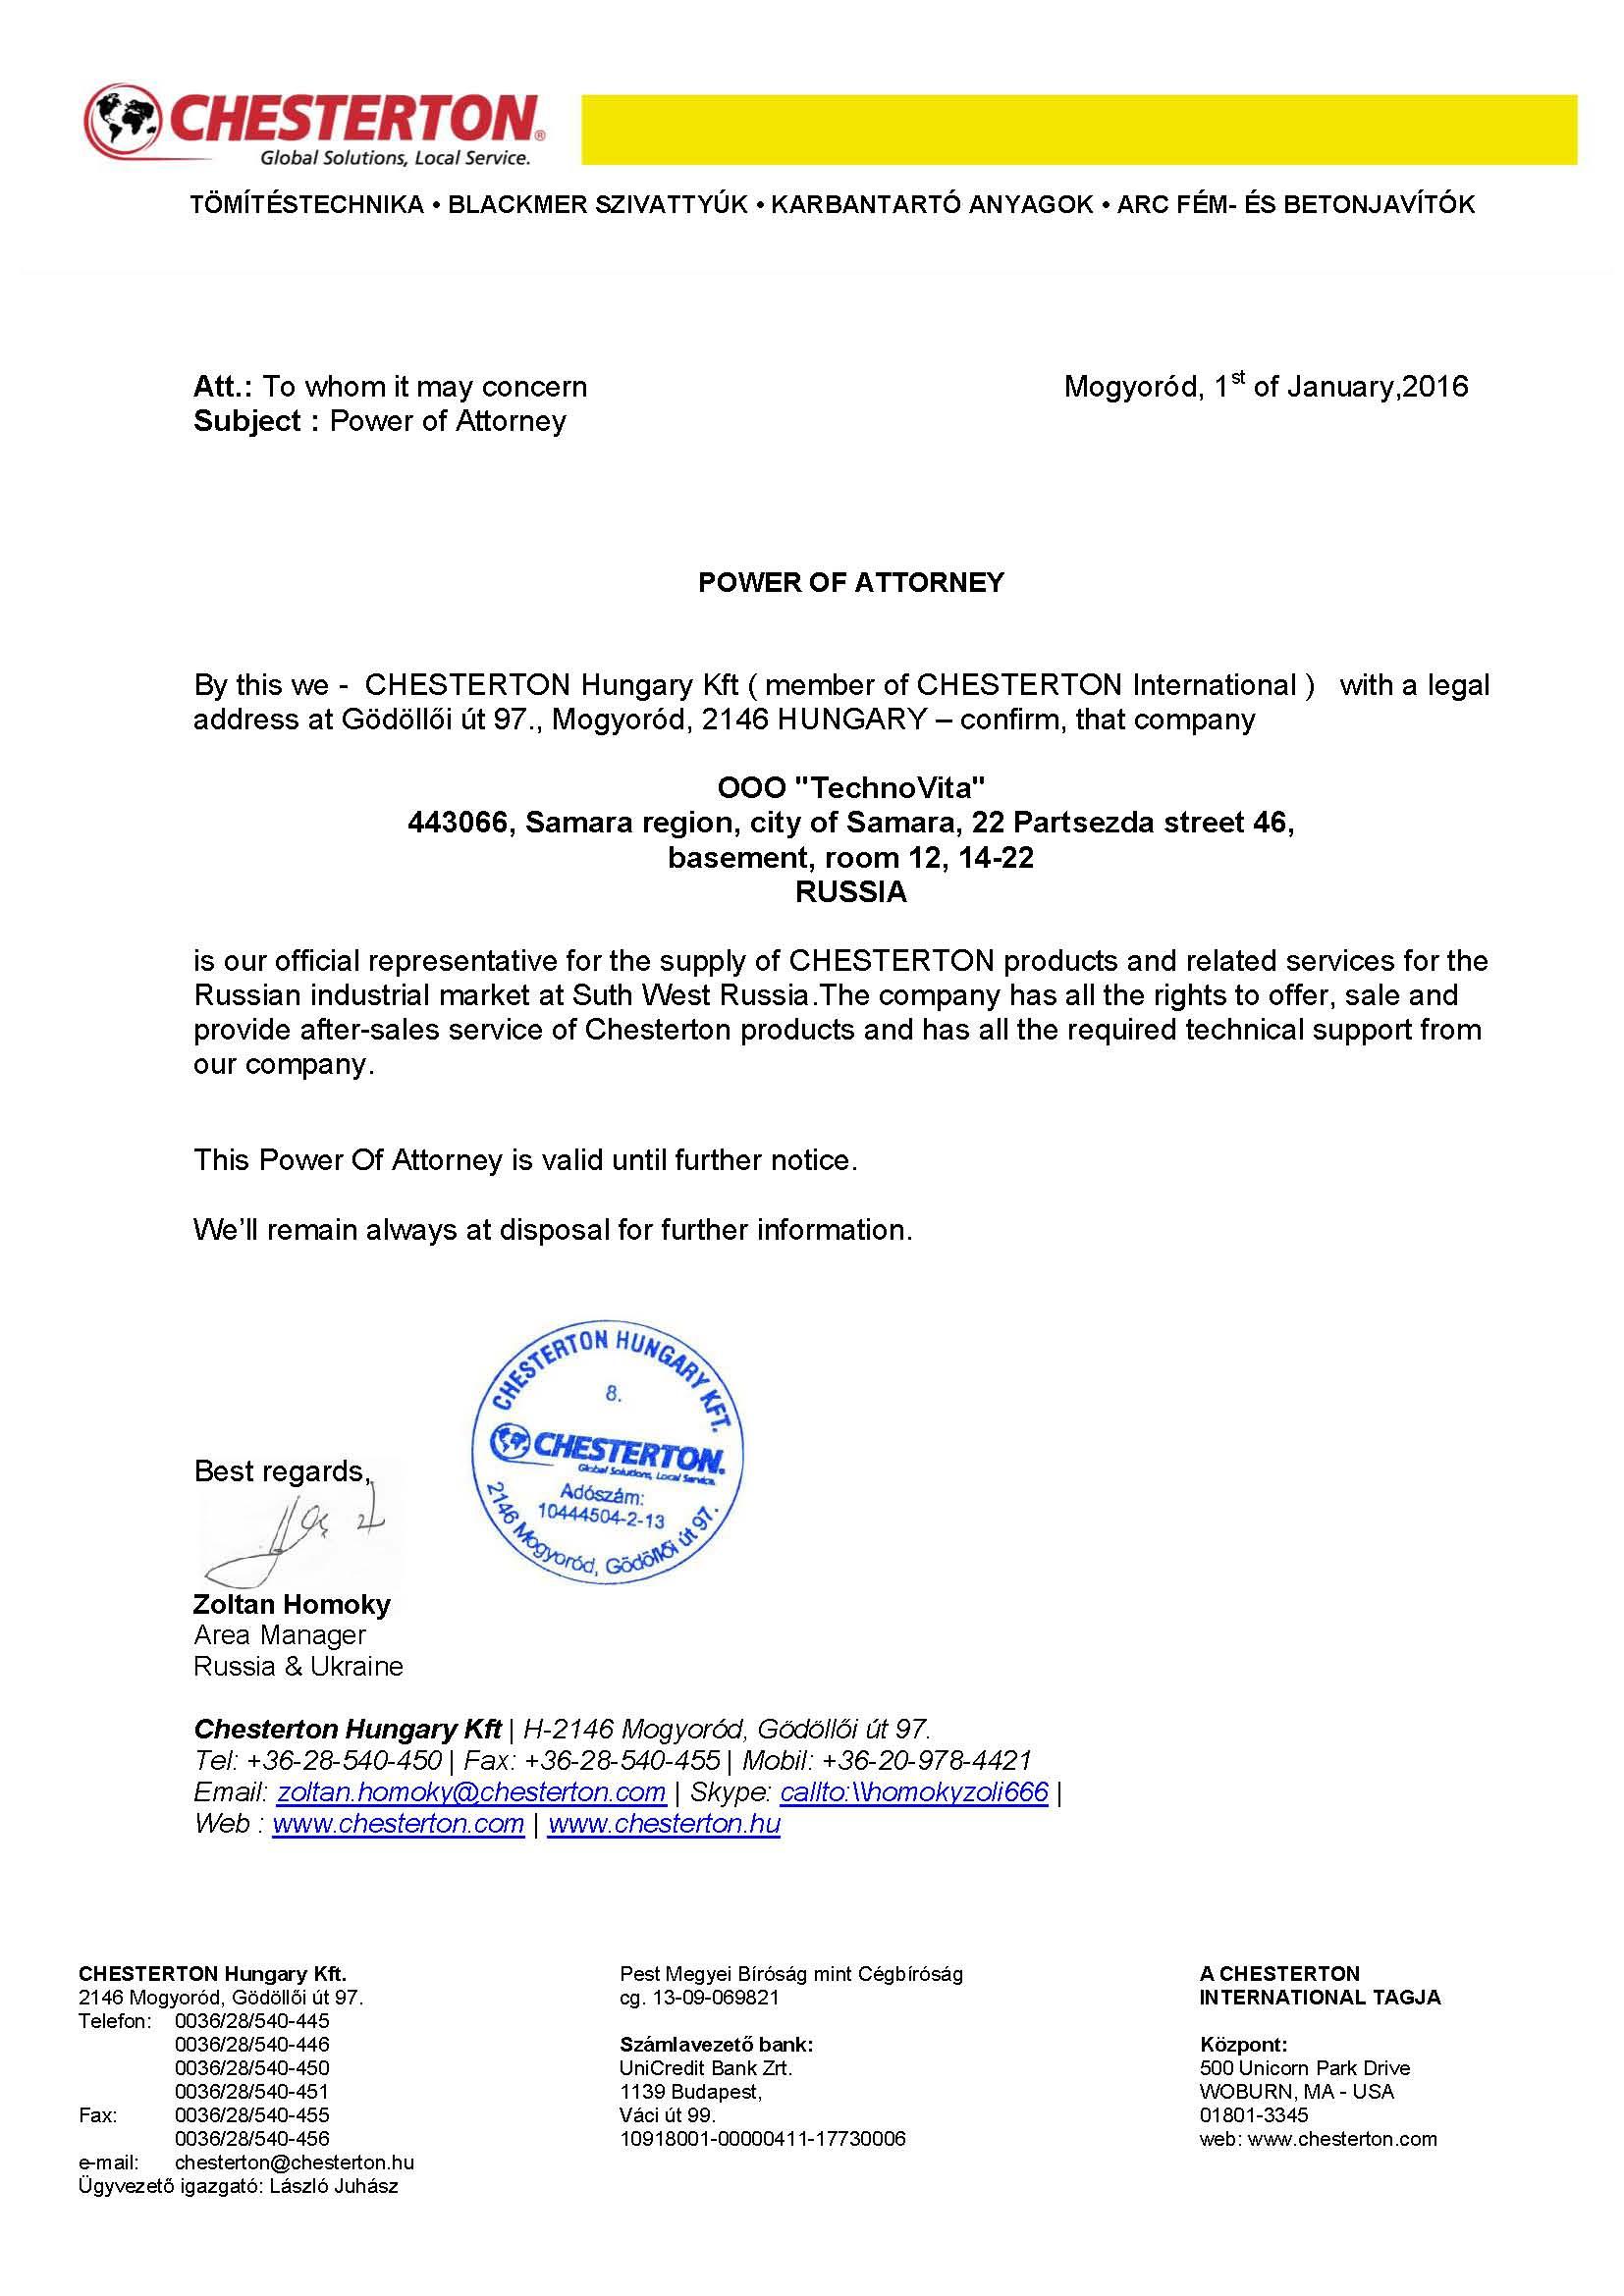 Официальный сертификат продукции Chesterton